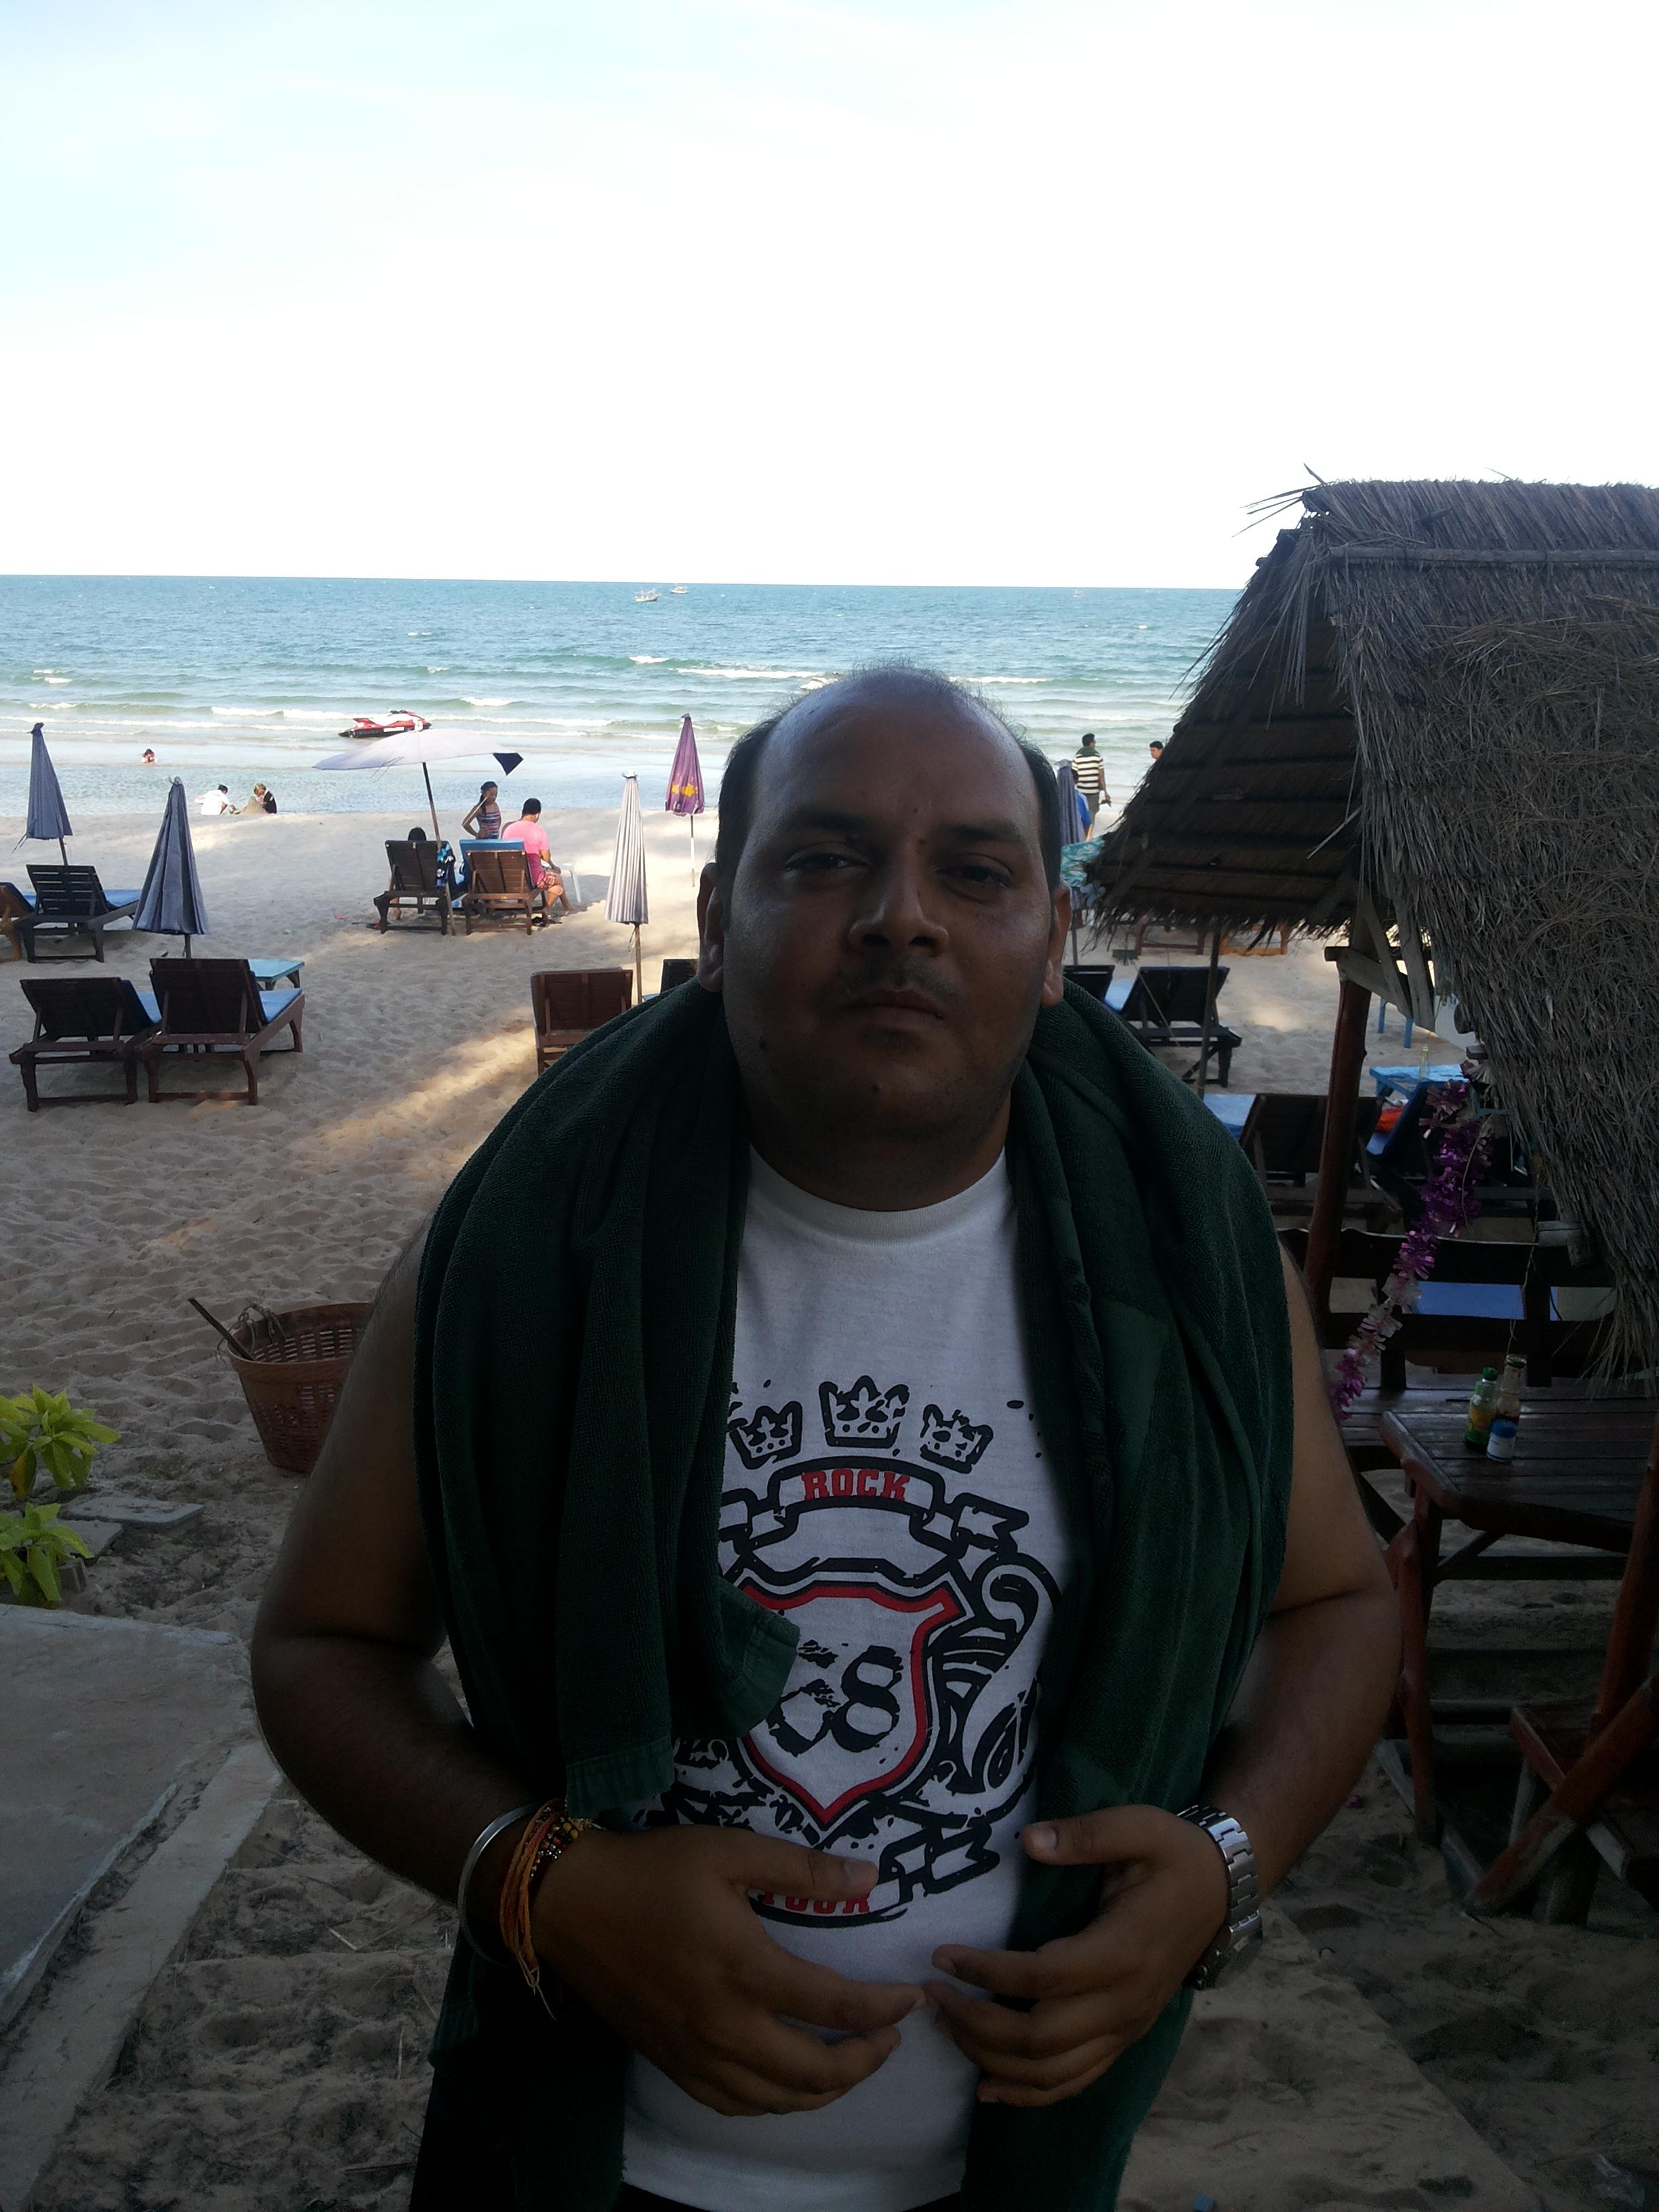 Rohit Kumar Kain